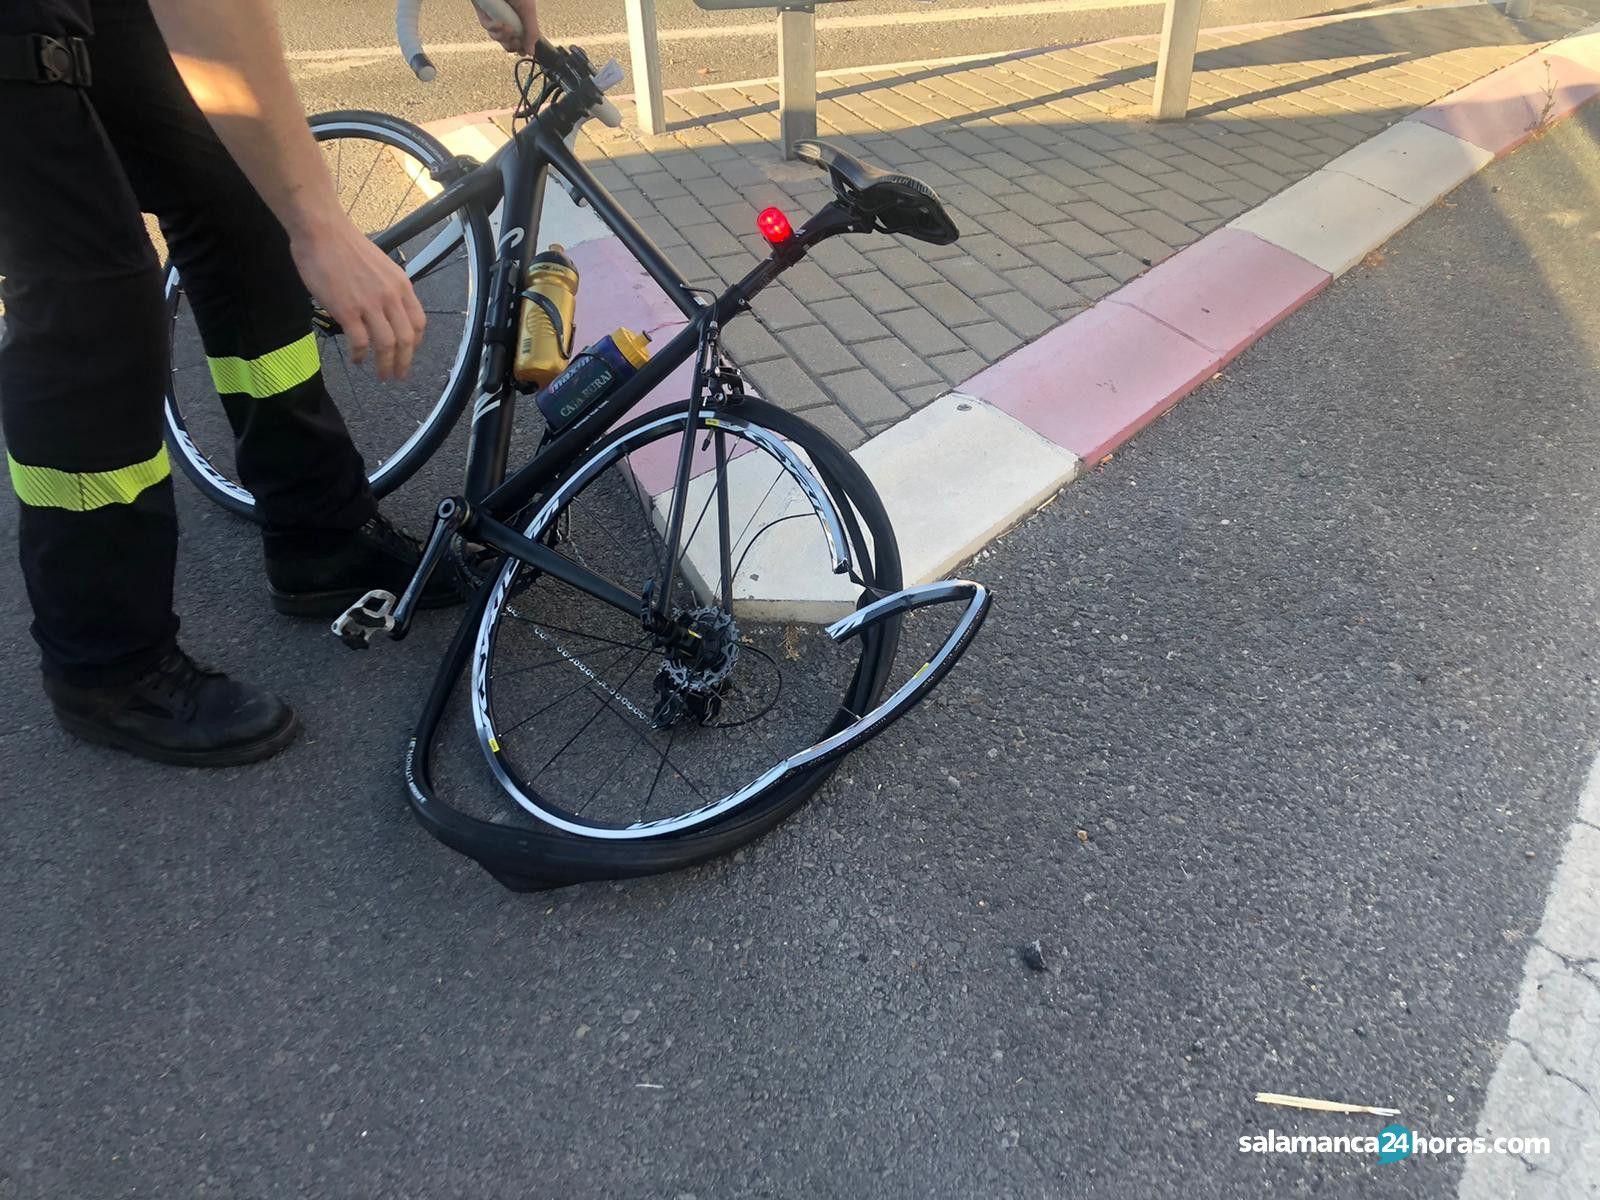 Atropello a ciclista en la carretera de Vecinos 2